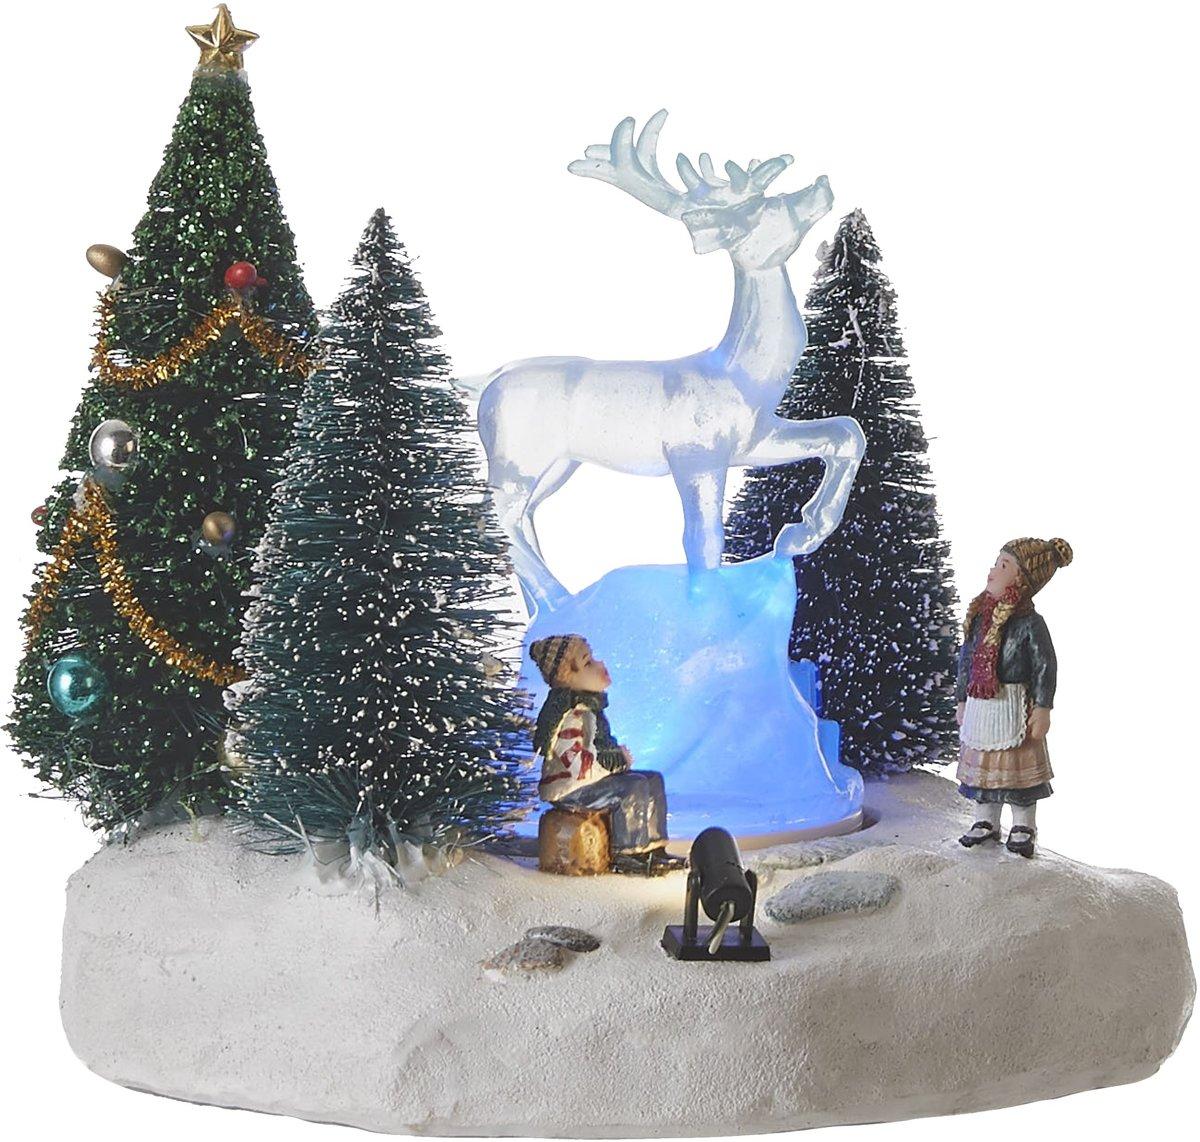 Luville - Ice sculpture kopen